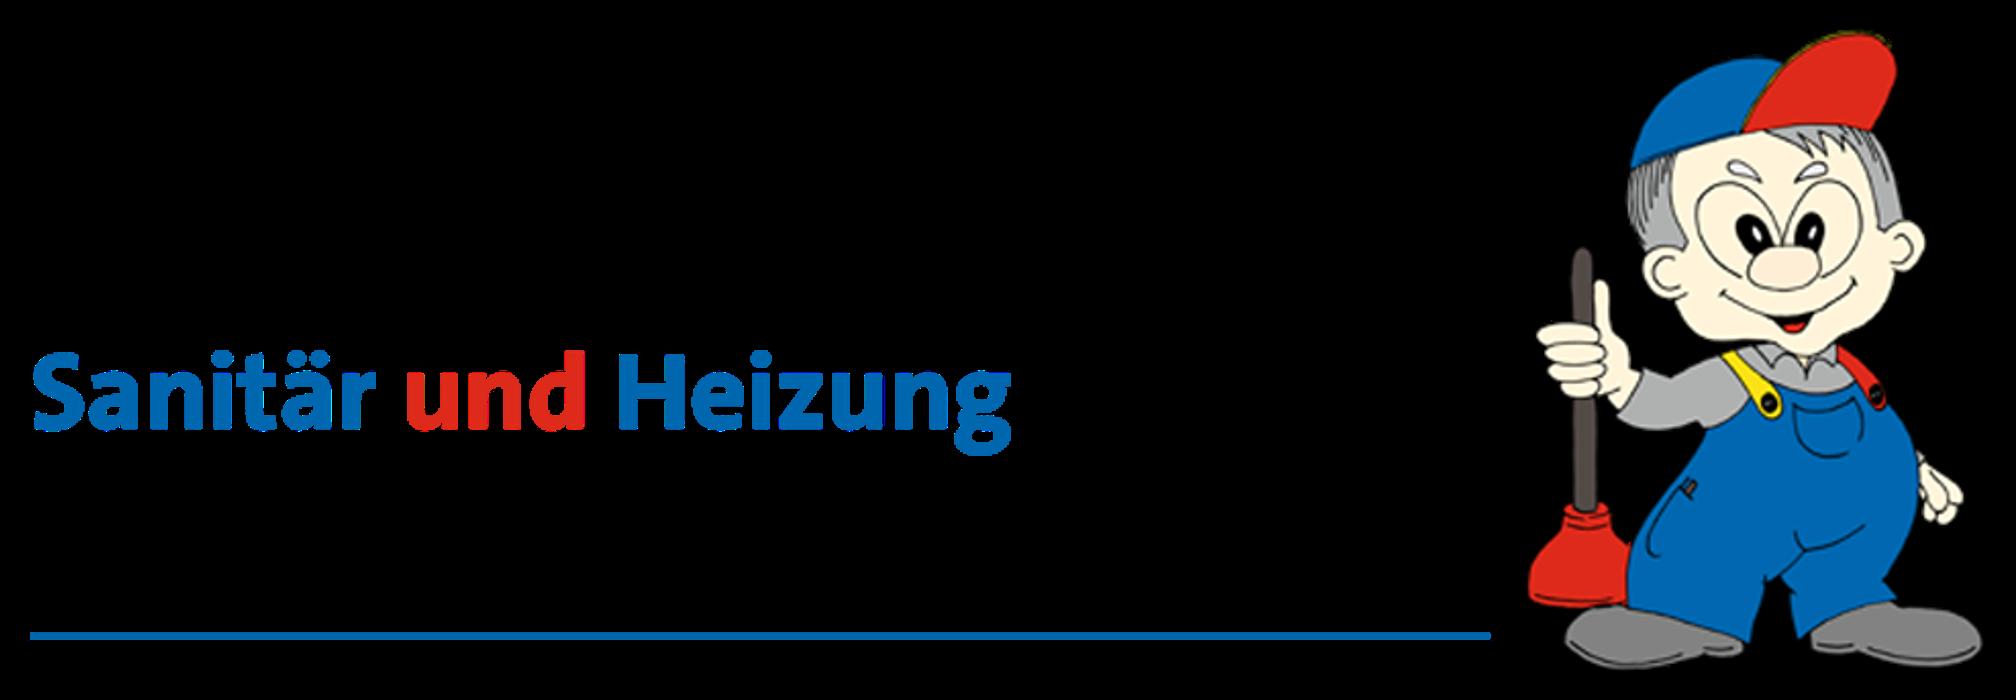 Bild zu Sanitär und Heizung Joachim Schurse in Ratingen